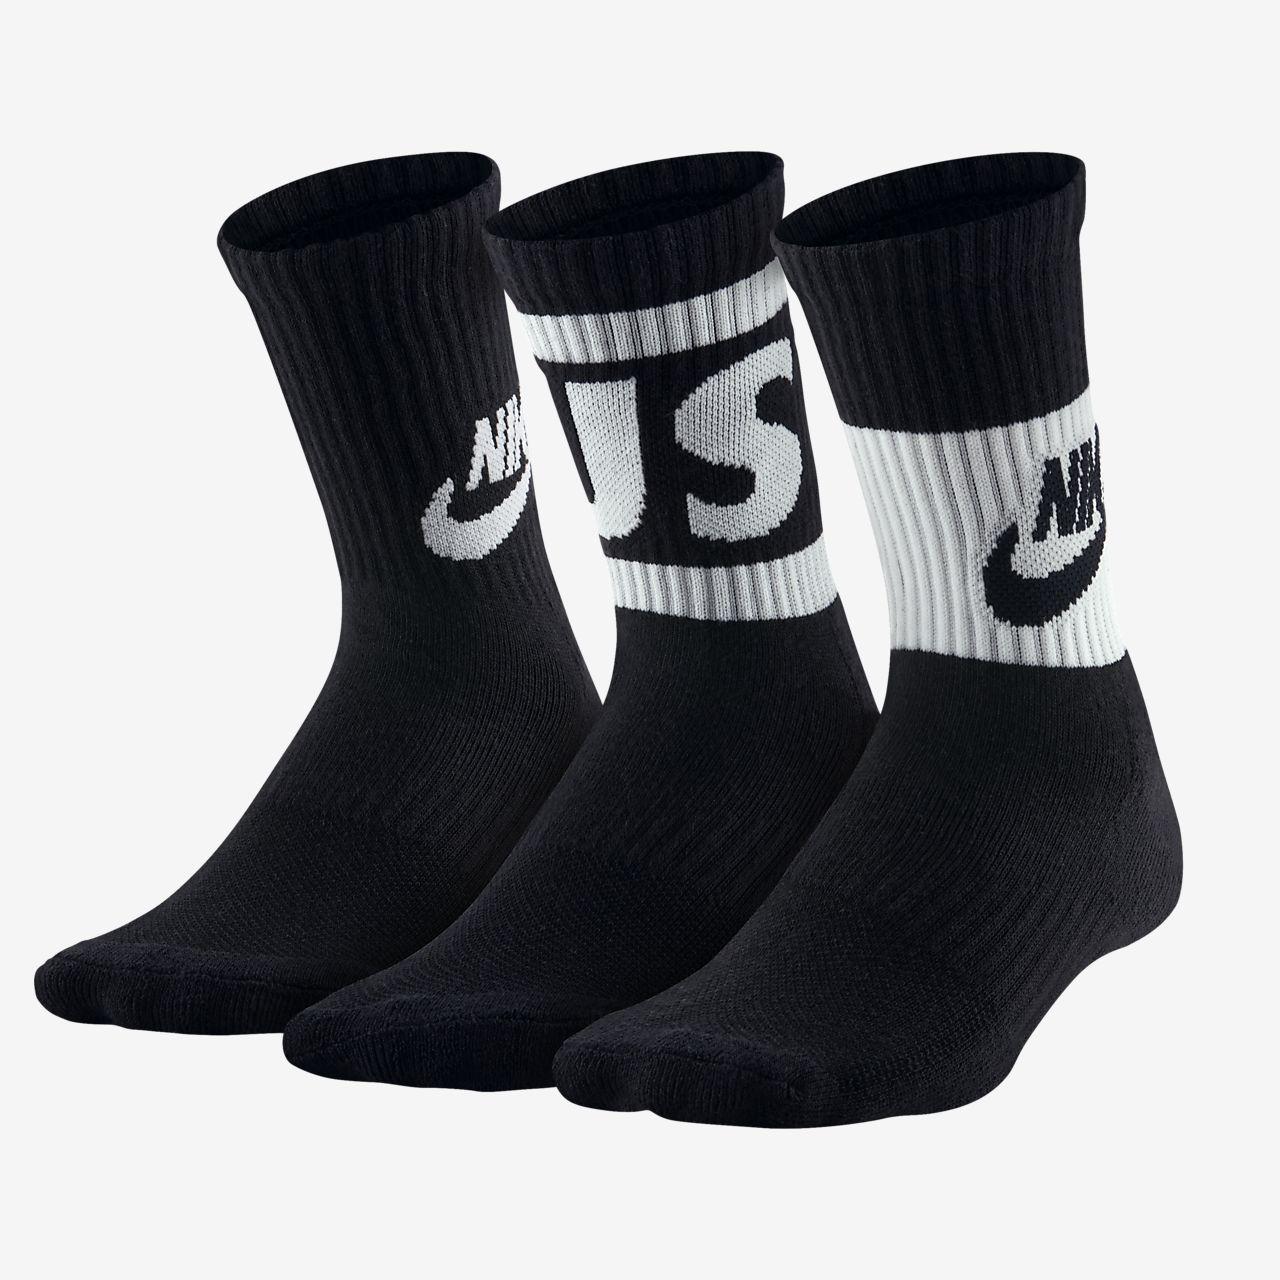 Středně vysoké ponožky Nike Dri-FIT JDI pro menší děti (3 páry)